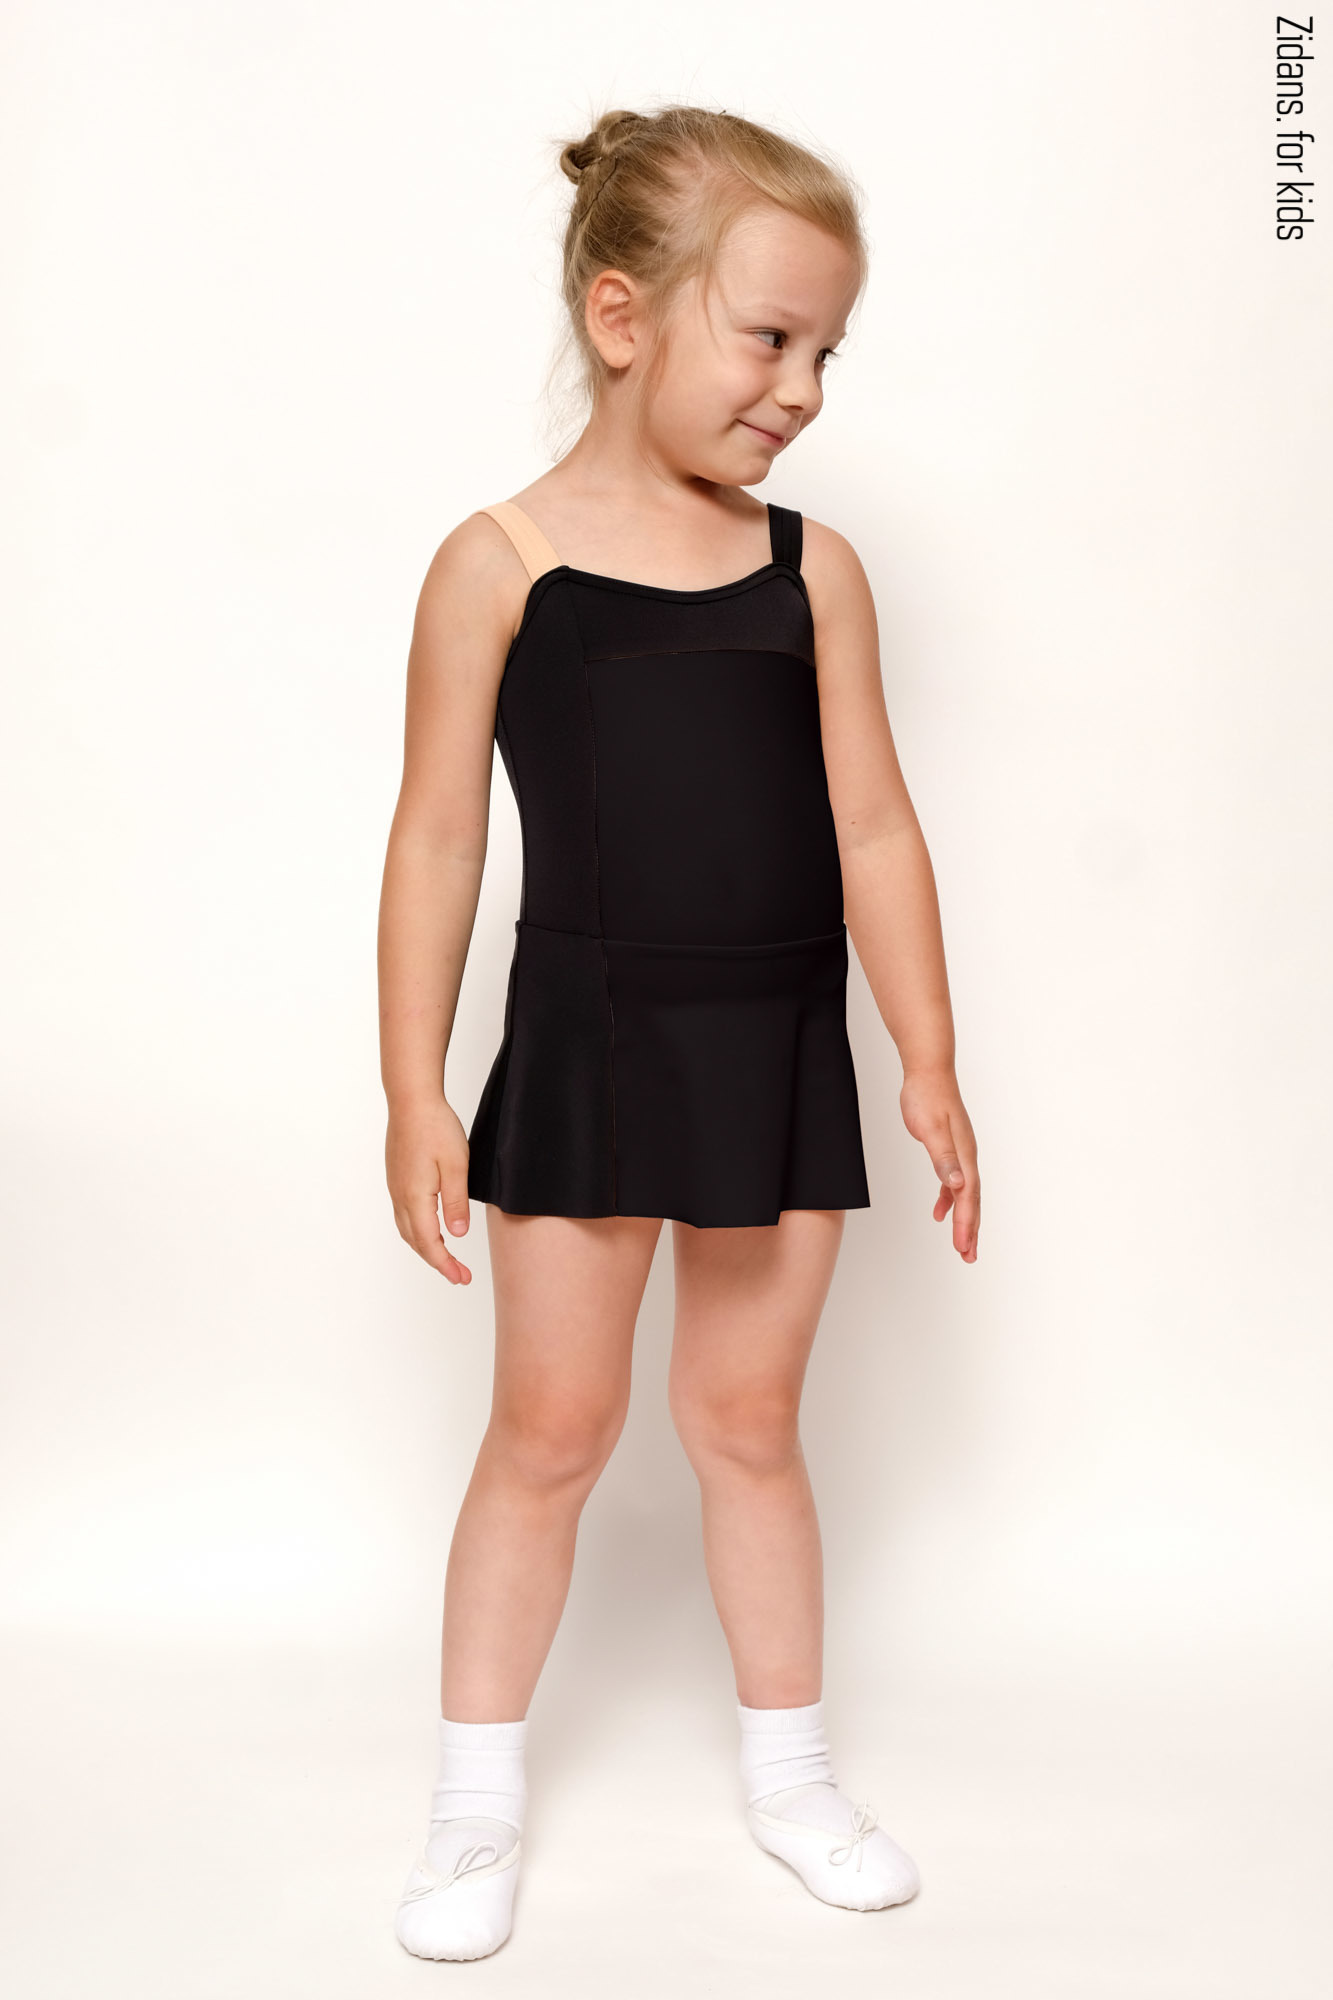 Детская Лямка юбка | basic